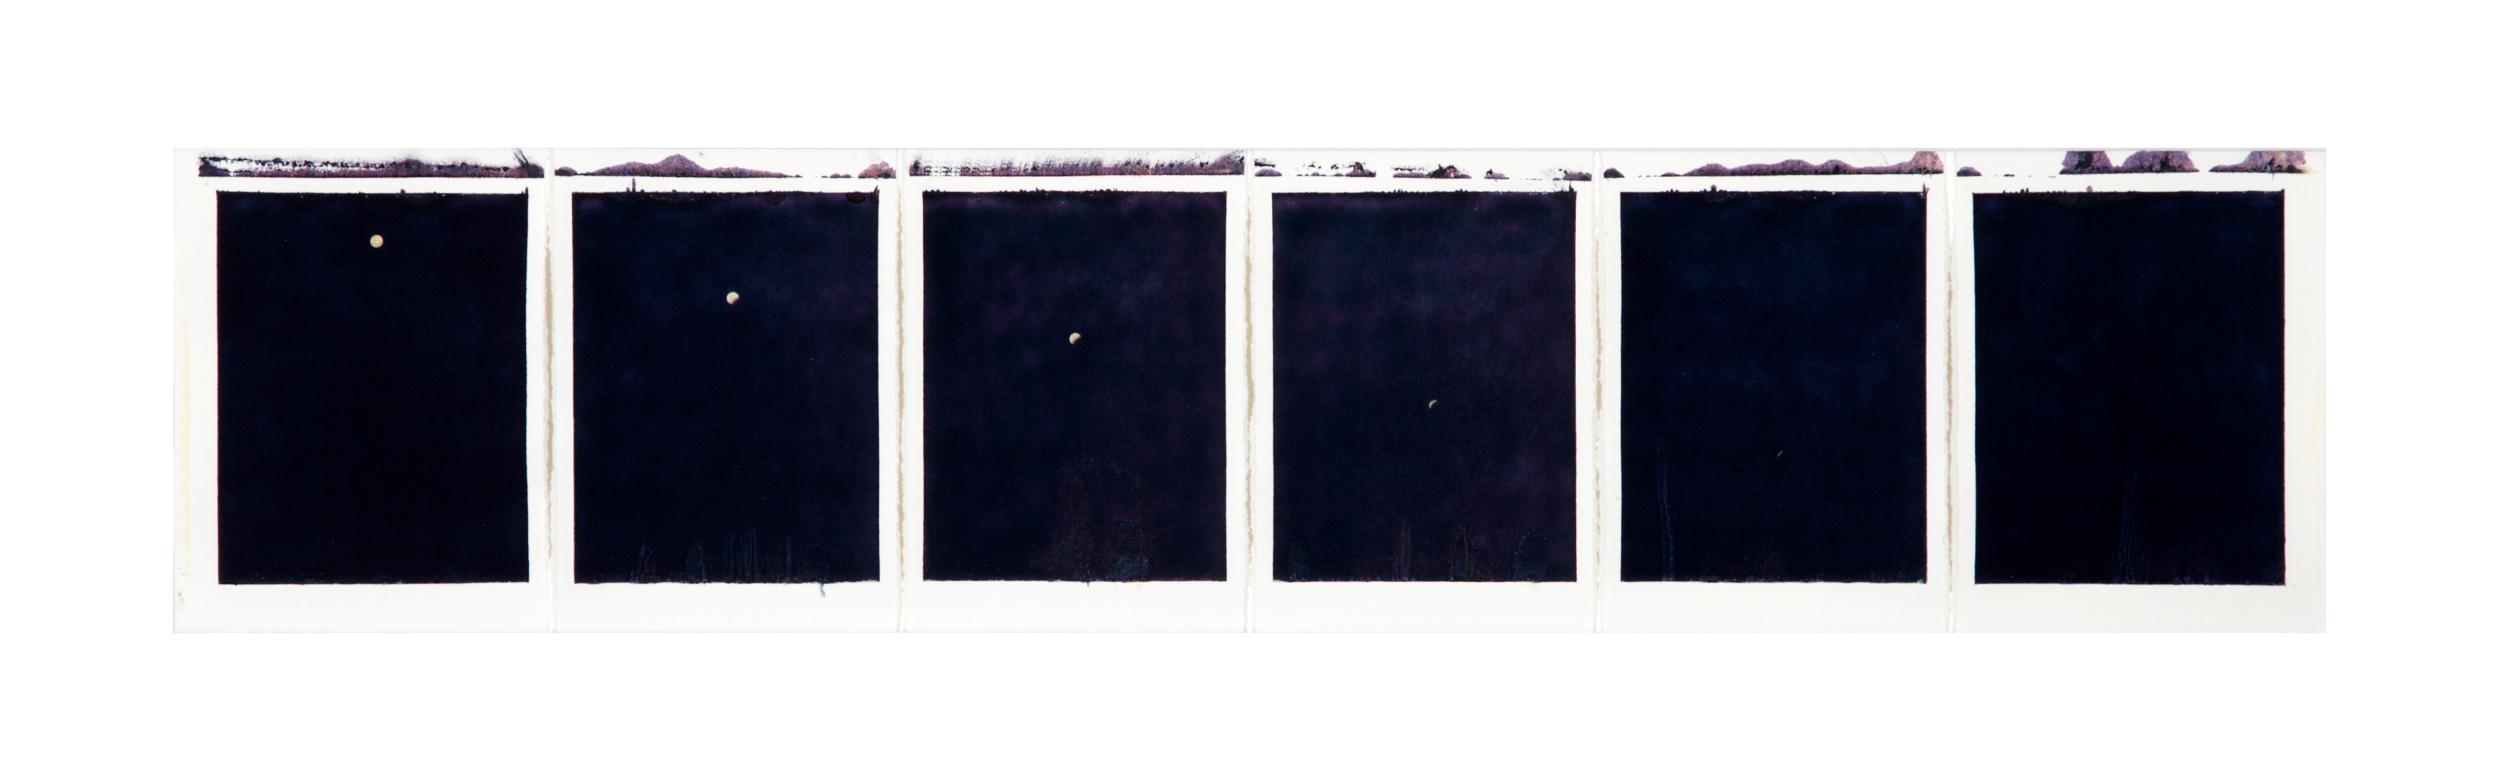 Lunar Eclipse #2, Vermont, 1996